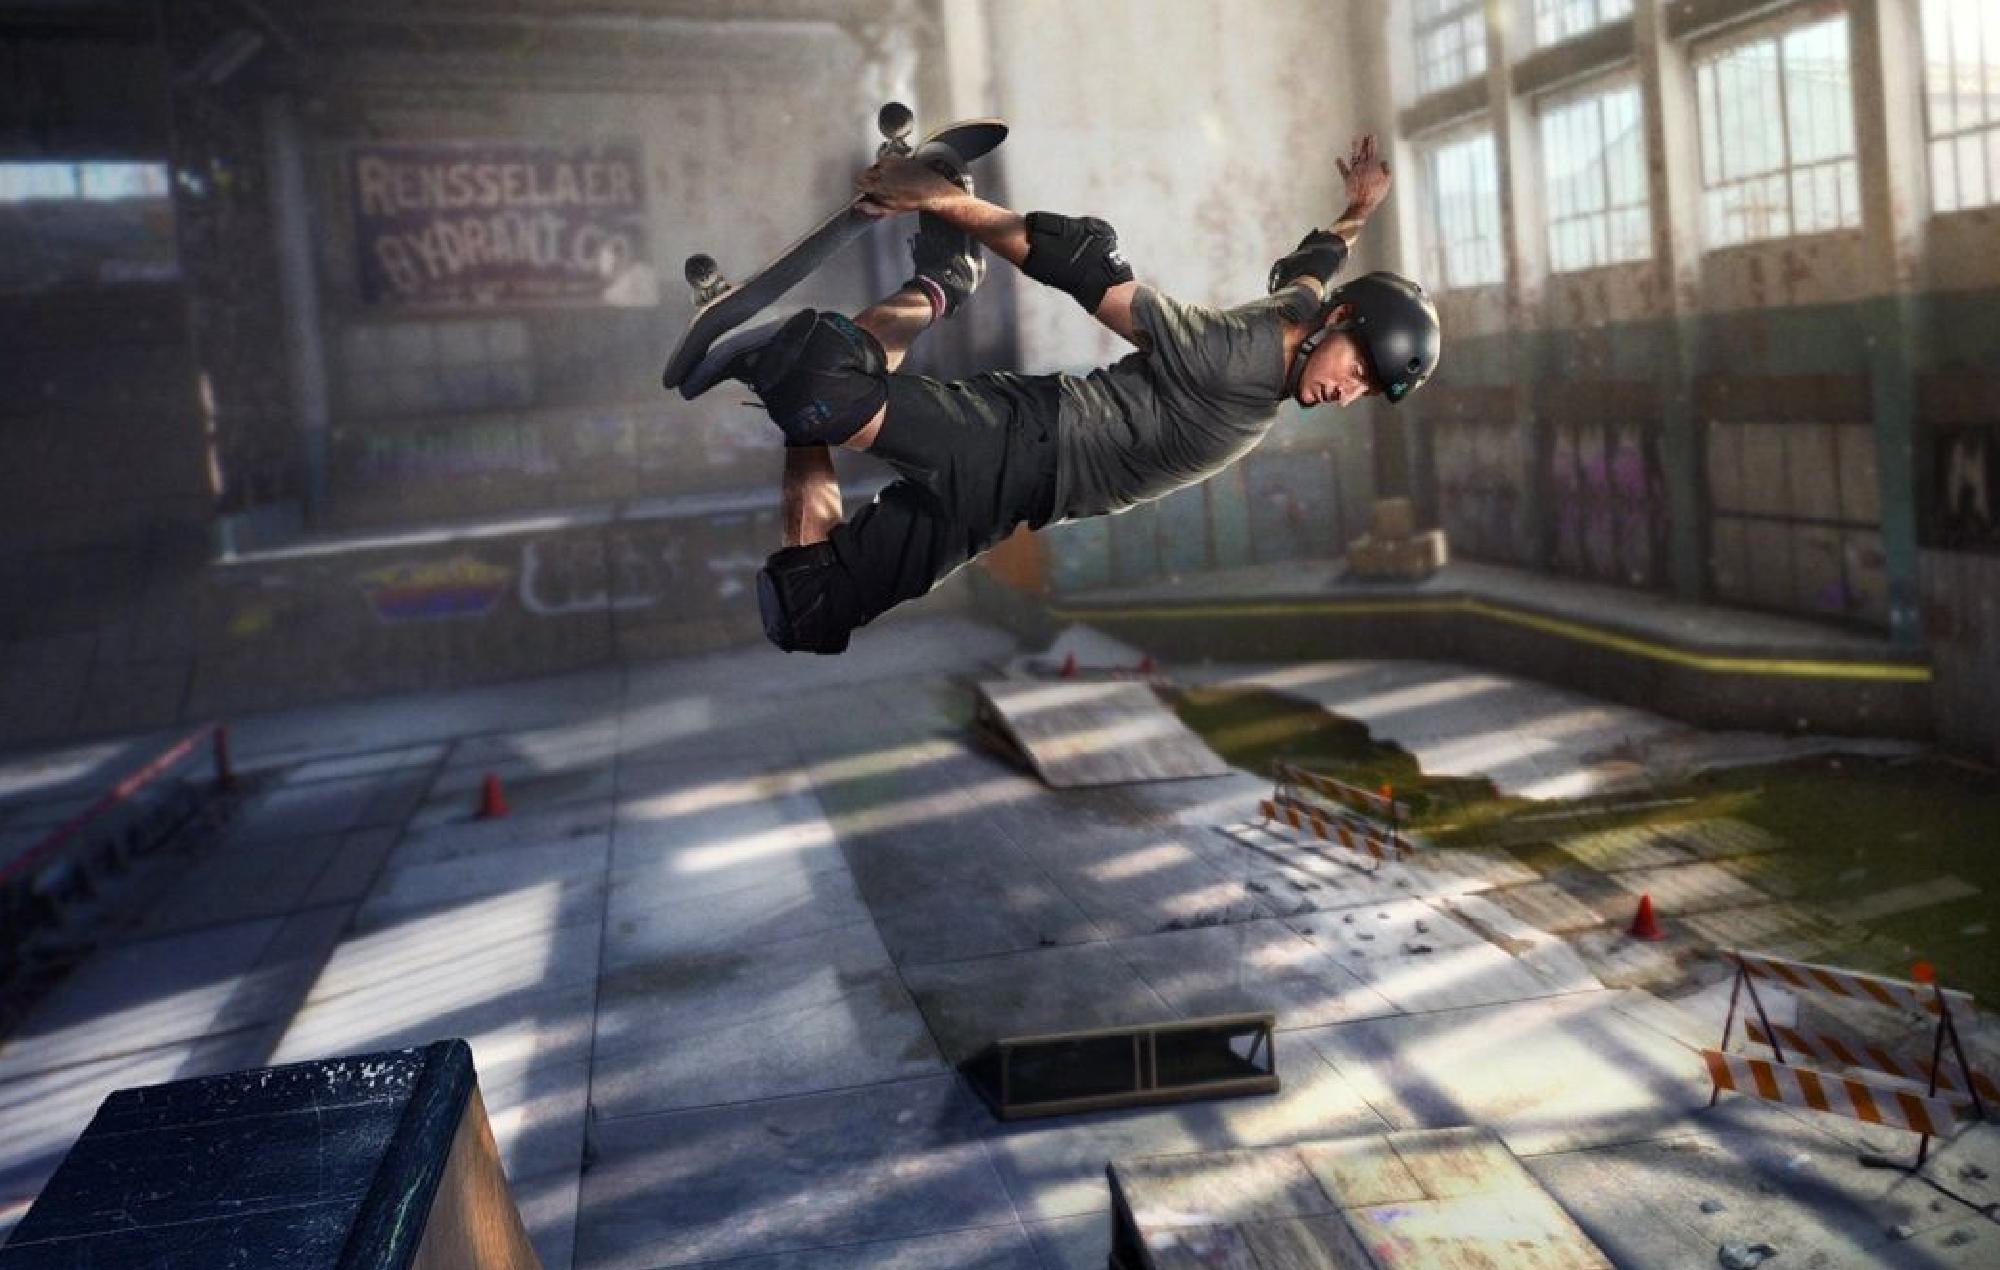 Pro Skater Tony Hawk